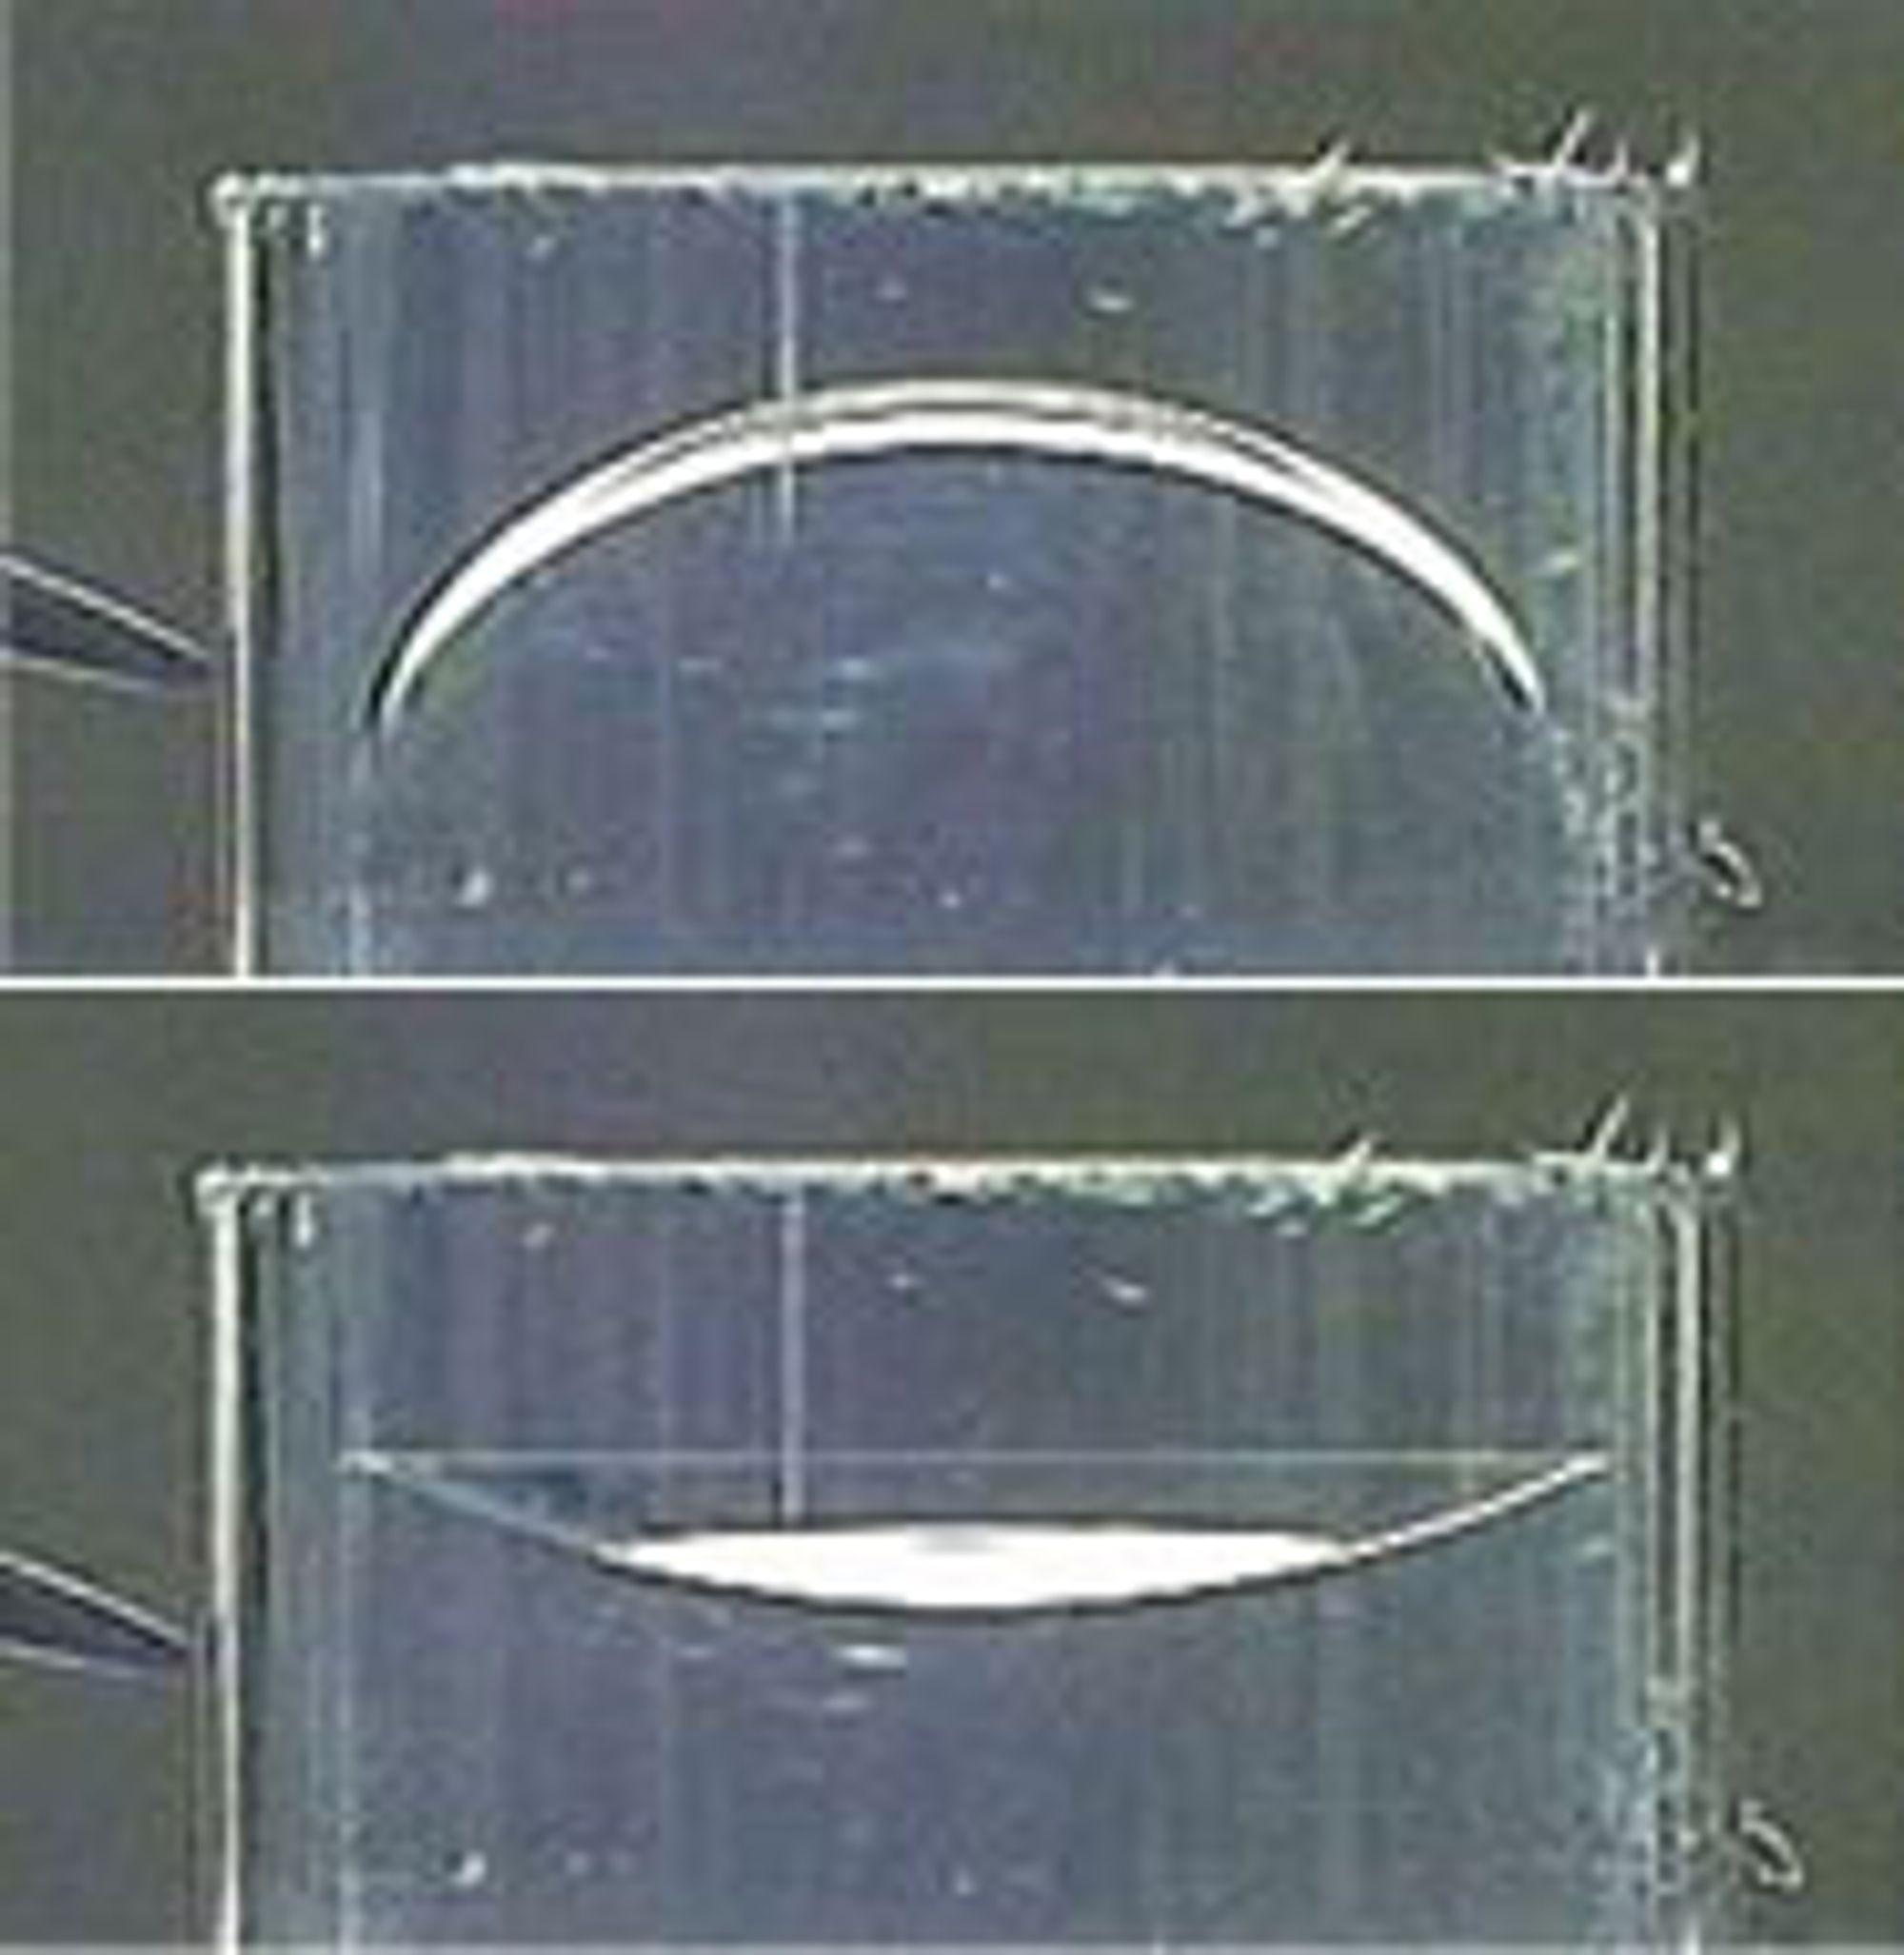 Ved å variere spenningen kan man endre formen på de flytende linselelementene.